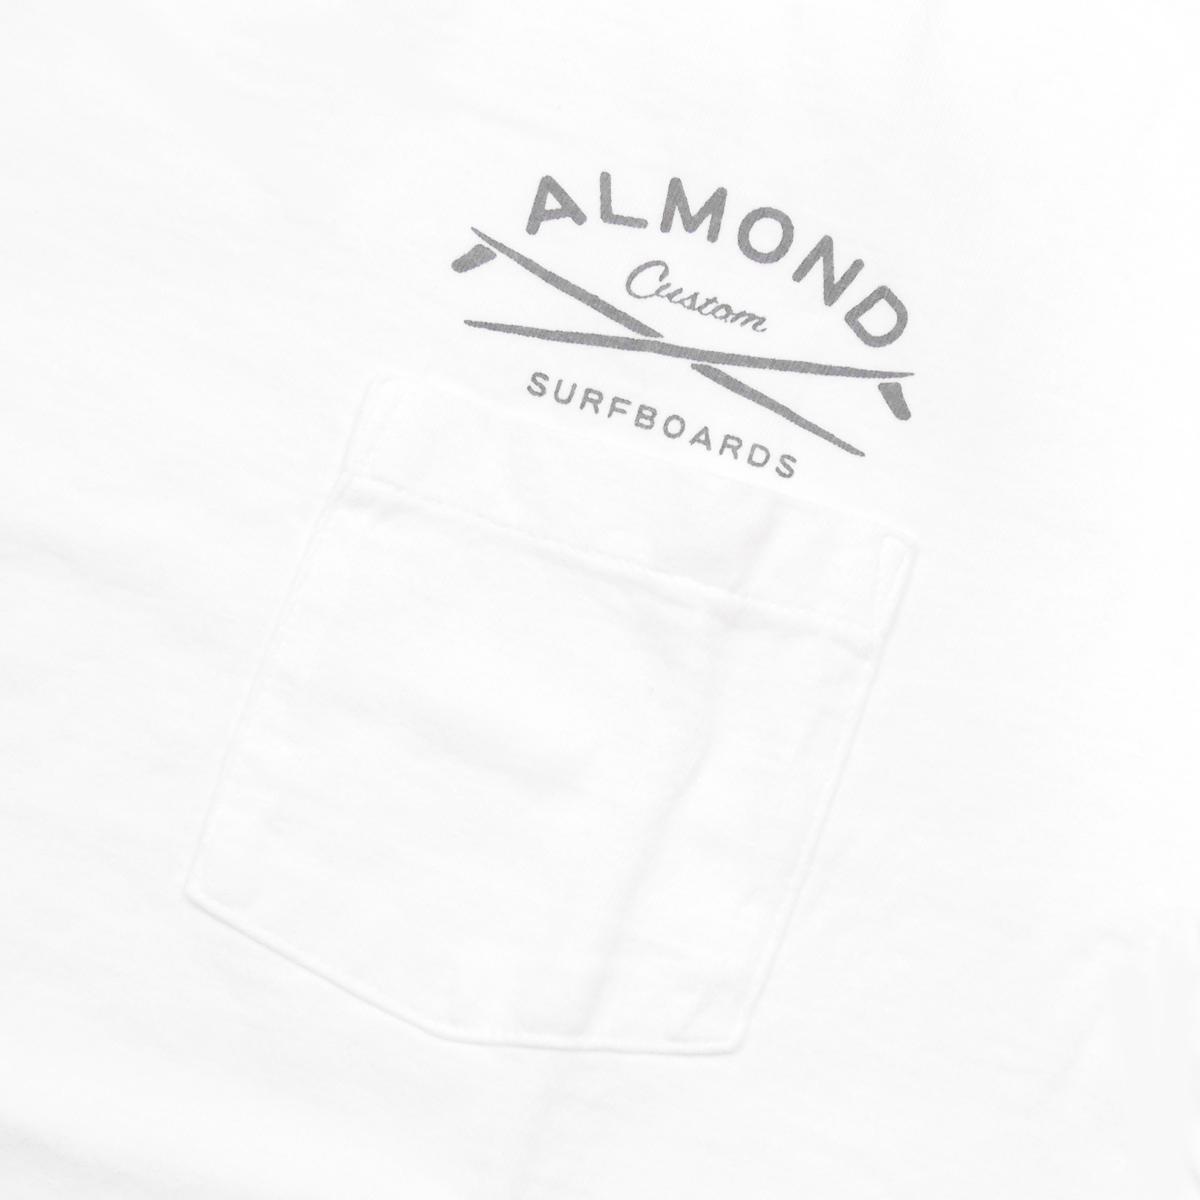 Almond Surf アーモンドサーフボードデザイン GRAVEL PK